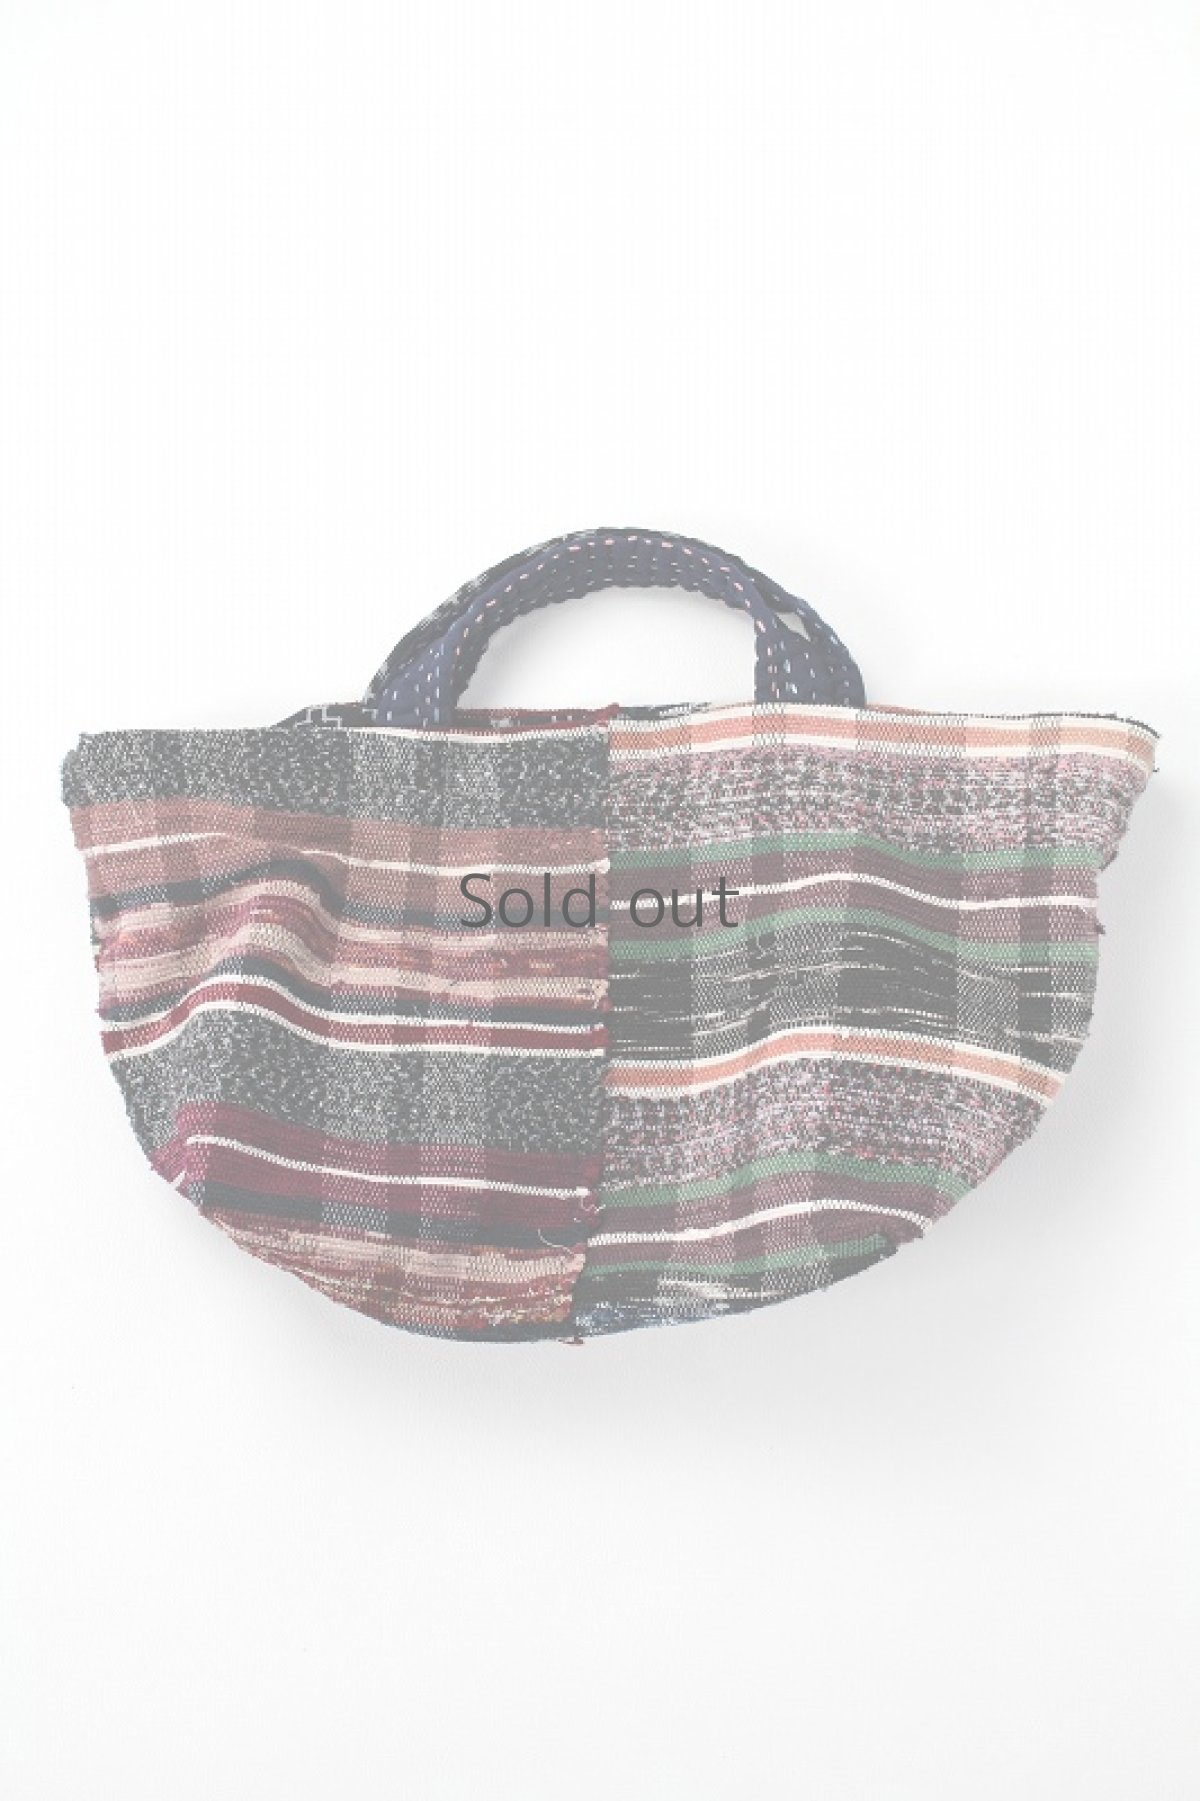 画像1: 【桃雪】裂き織り古布 リバーシブル おおらかバッグ (1)